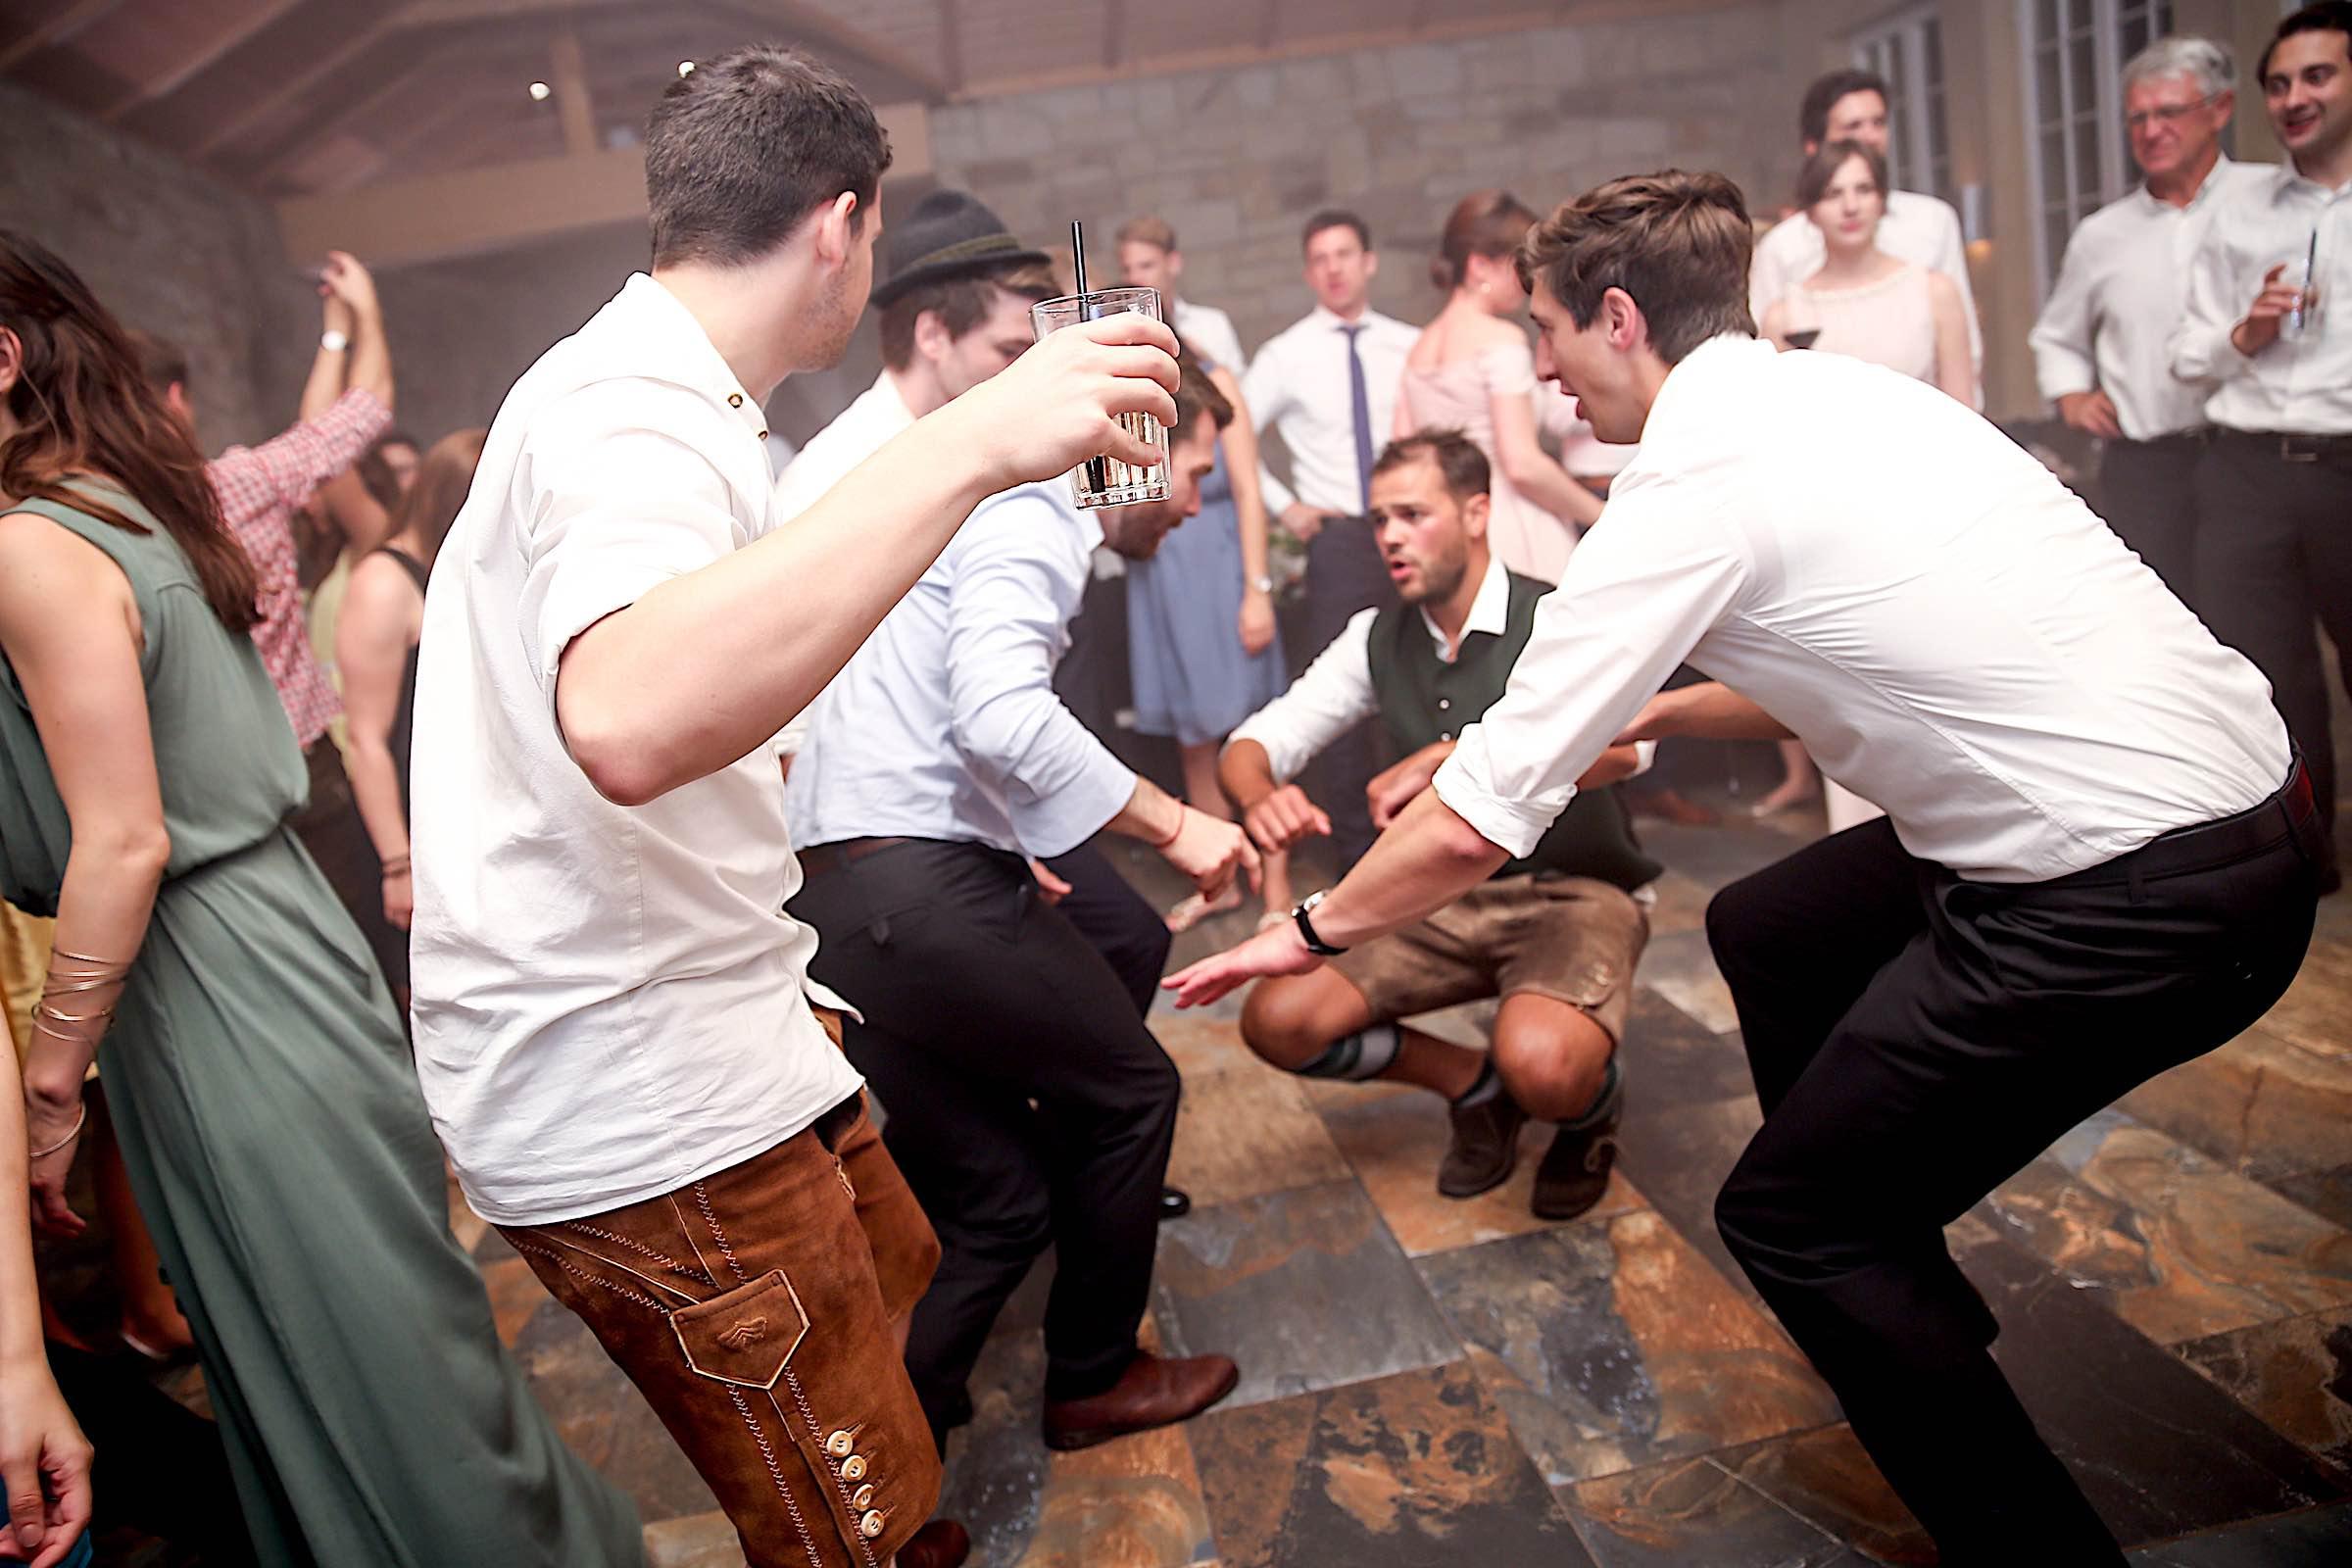 Schloss | Hammerstein | Apelern | Hochzeit | Geburtstag | Firmenfeier | Referenz | Location | DJ | Fotografie | Tanzfläche | Party | Hochzeitsplanung | DJ | Hochzeitsplaner | Lehmann | Eventservice